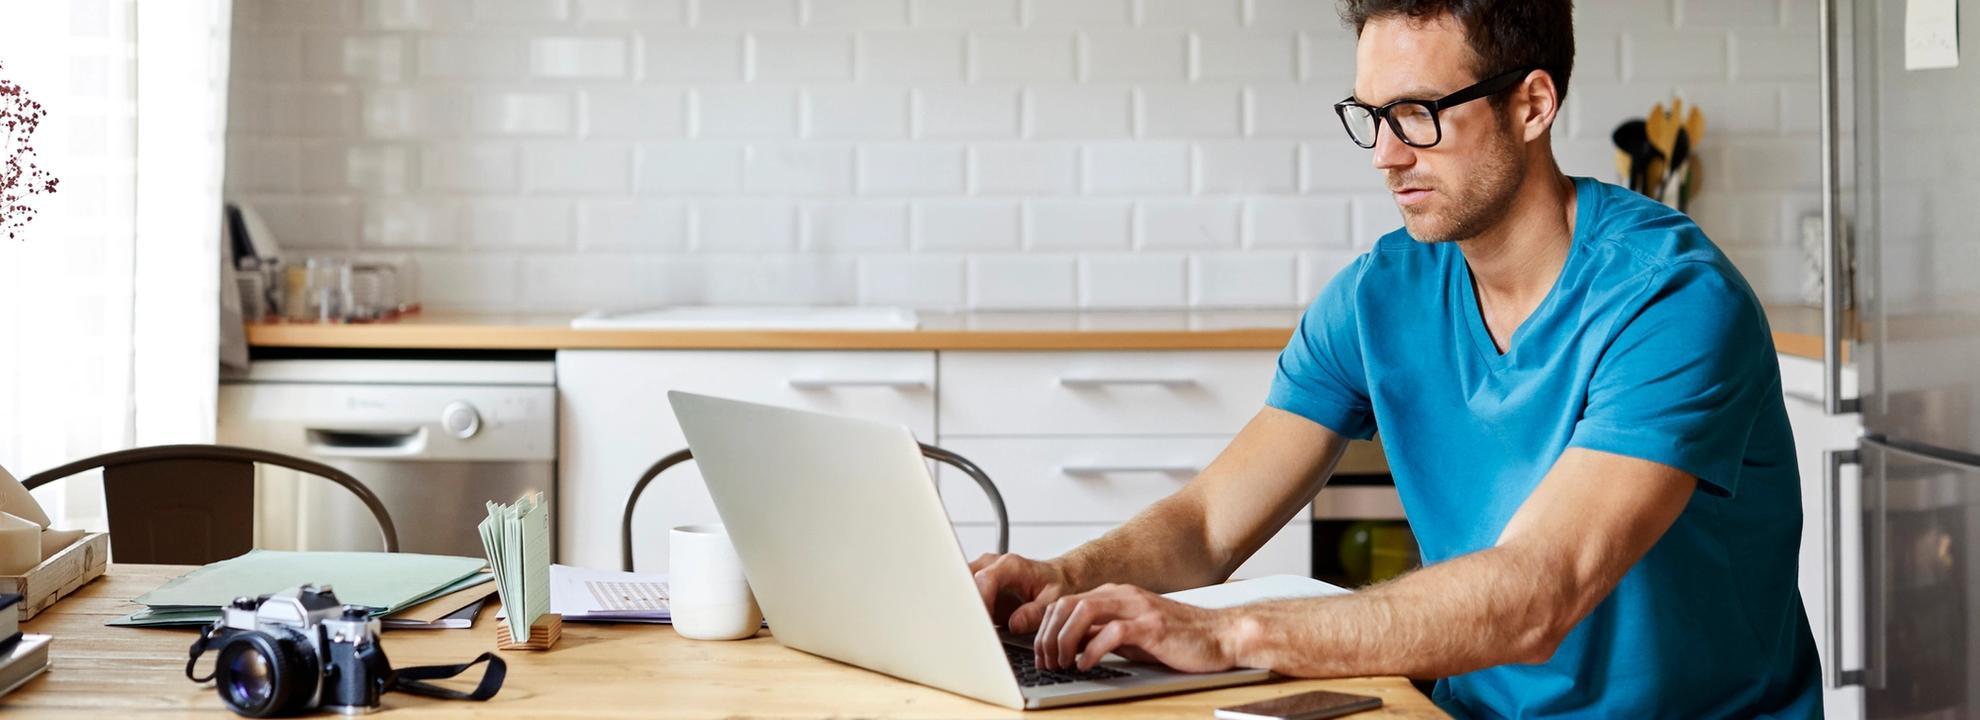 Bilde av mann med PC og kaffekopp.